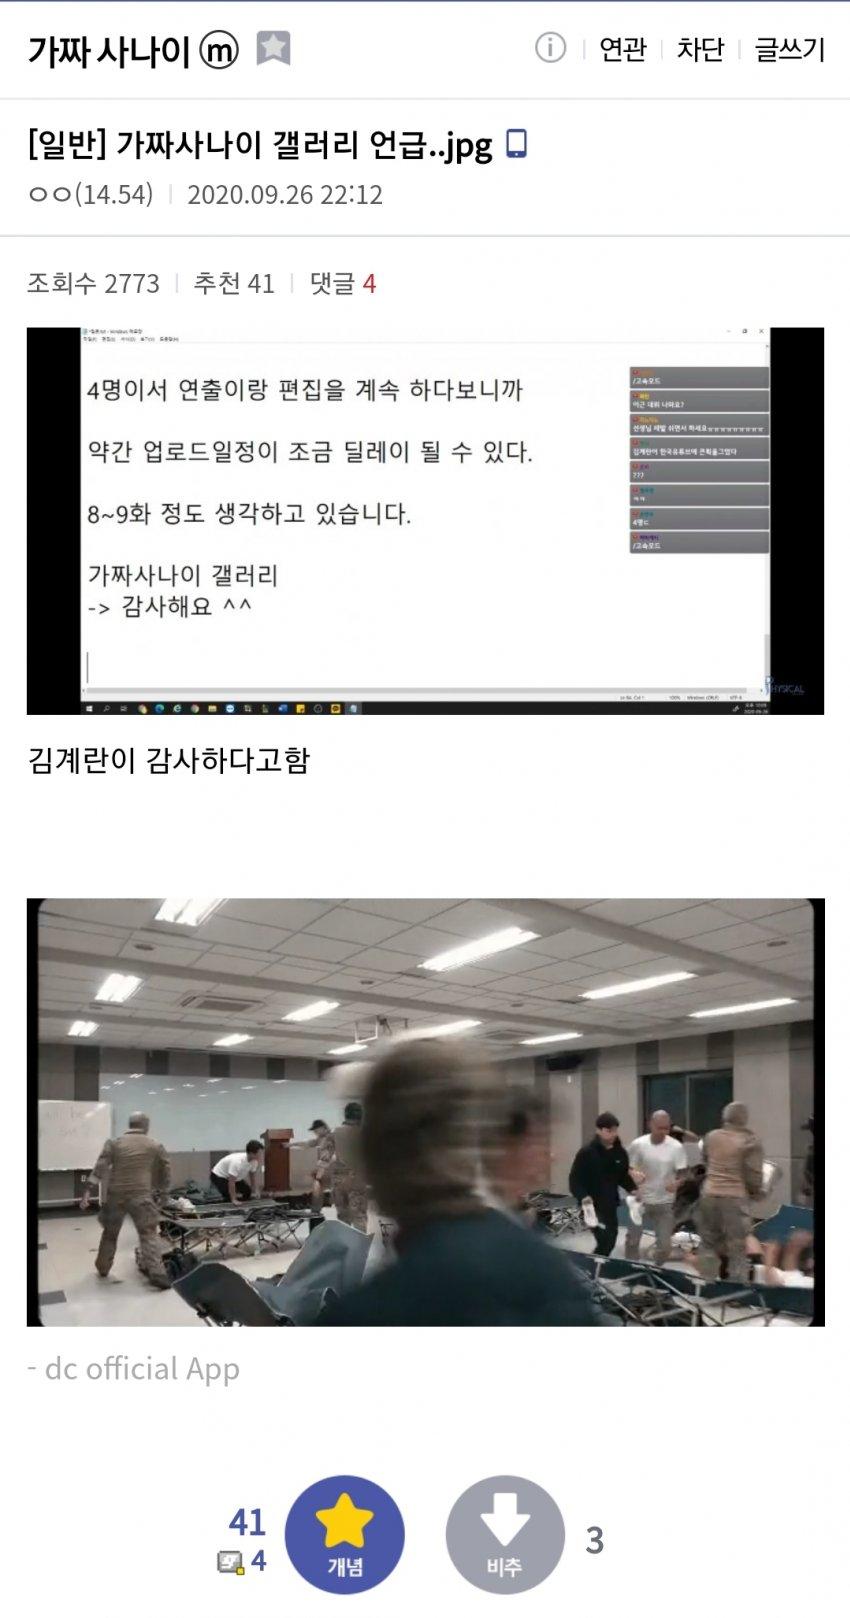 viewimage.php?id=2fbcc323e7d334aa51b1d3a24f&no=24b0d769e1d32ca73fec87fa11d0283168a8dd5d0373ee31e5f33784e6258773b2157392dd5abc930a8dc1192f44258aacd129615d98fe7670e6b4127c999d357be579e3c9112f14a02018007971d817b995a04c40bd25abcedab4a8bc4dd4ad1b070a70876257f274a1cb2e7ec378b2a6b549